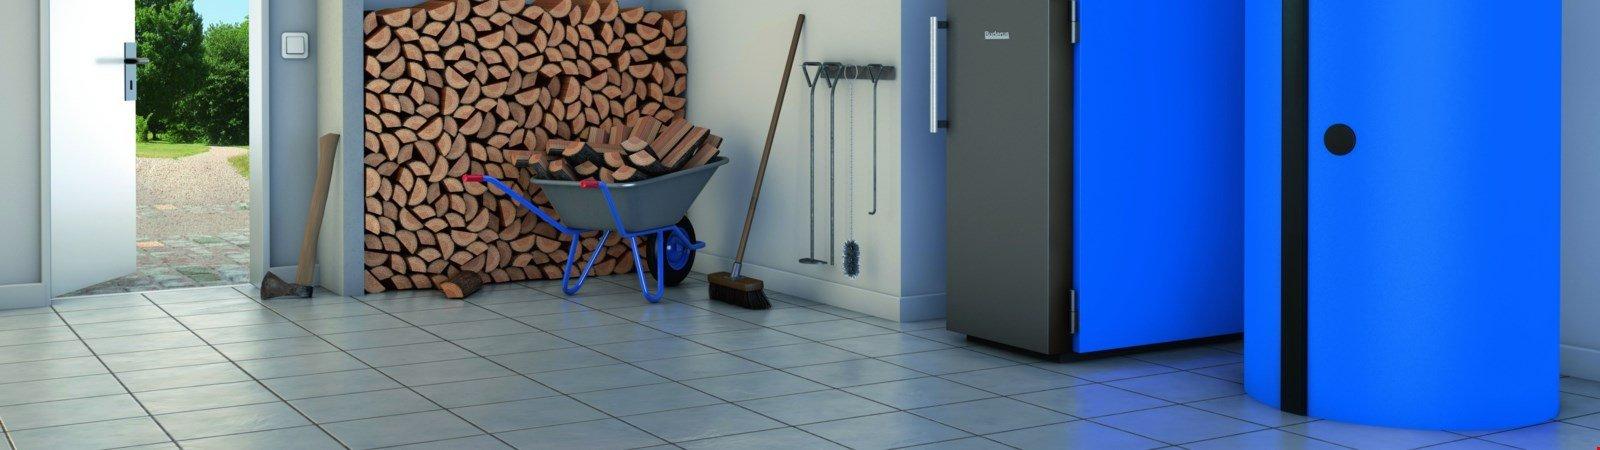 Scheitholzkessel: Modernisierung und Neubau mit Holzvergaserkessel